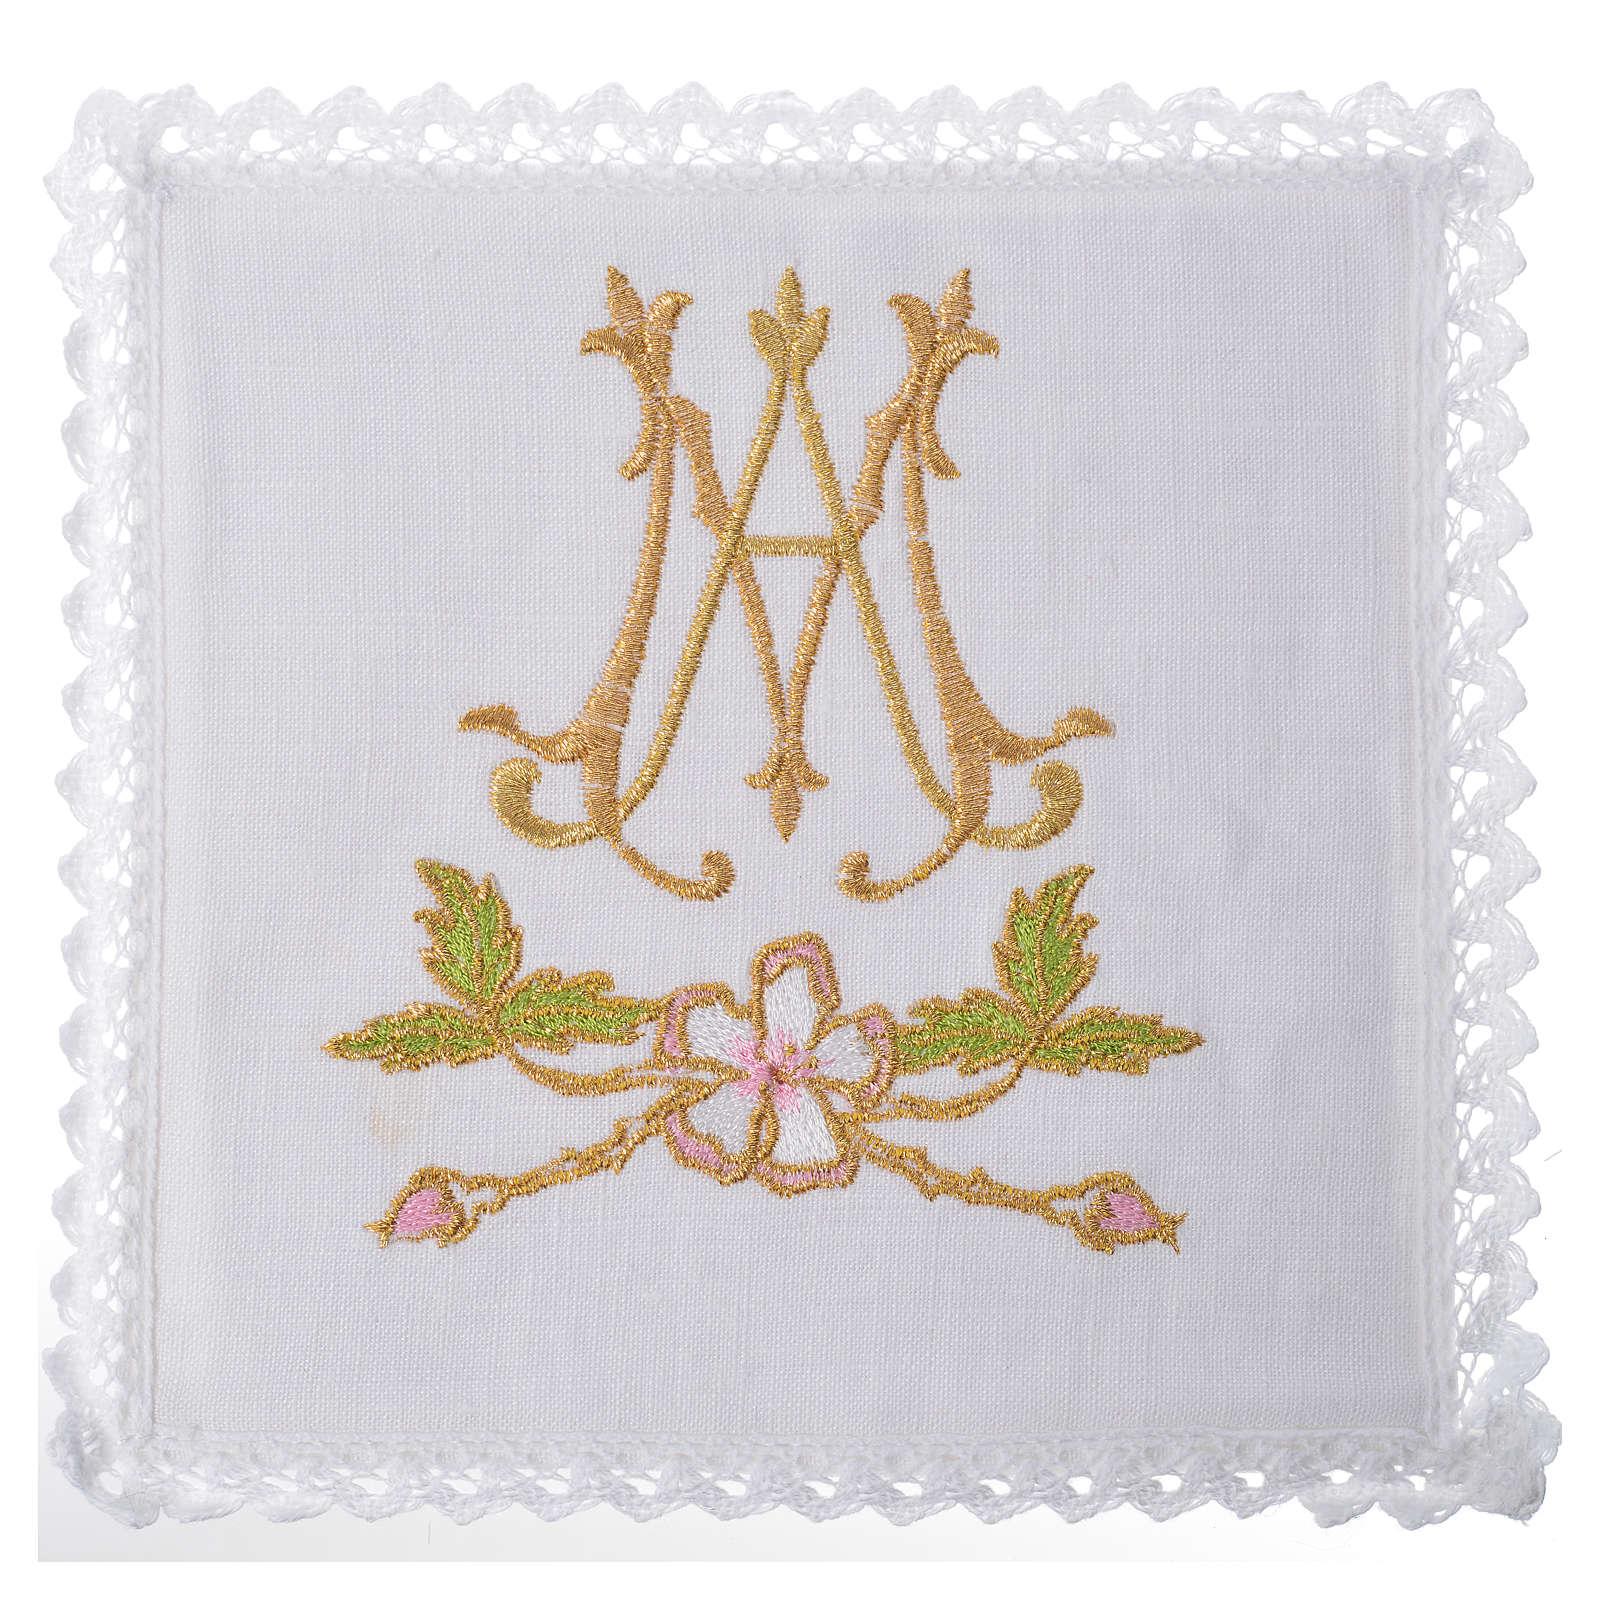 Servizio da altare 100% lino simbolo mariano 4